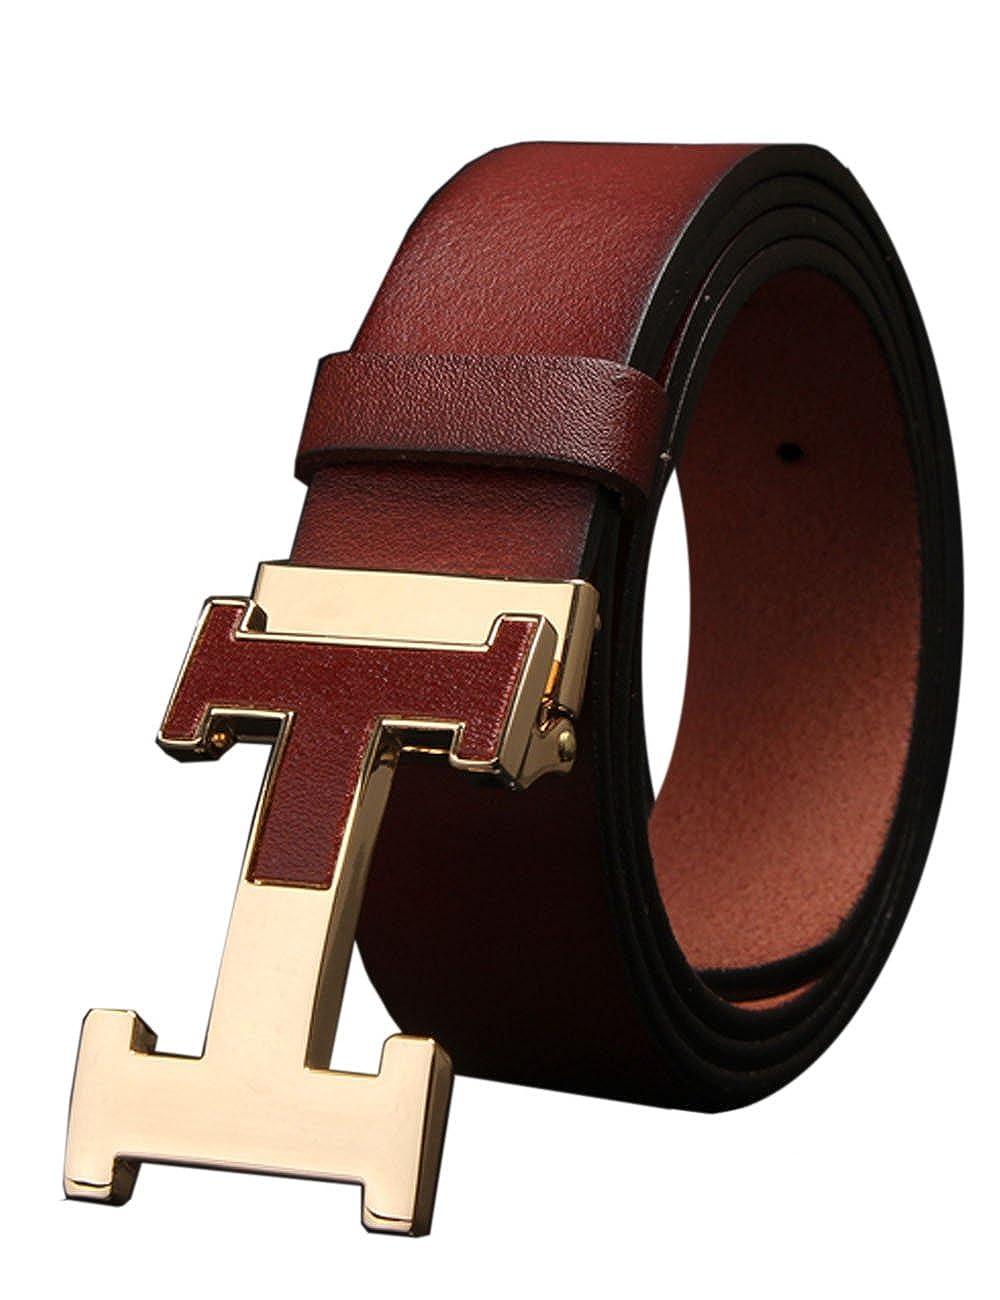 Herren Echtes Büffel Leder Gürtel mit Schlupf Schnalle Jeans Hose Gürtel Voellig verstellbar 35mm rot GB-FBAT221-1-Red BRWN-130